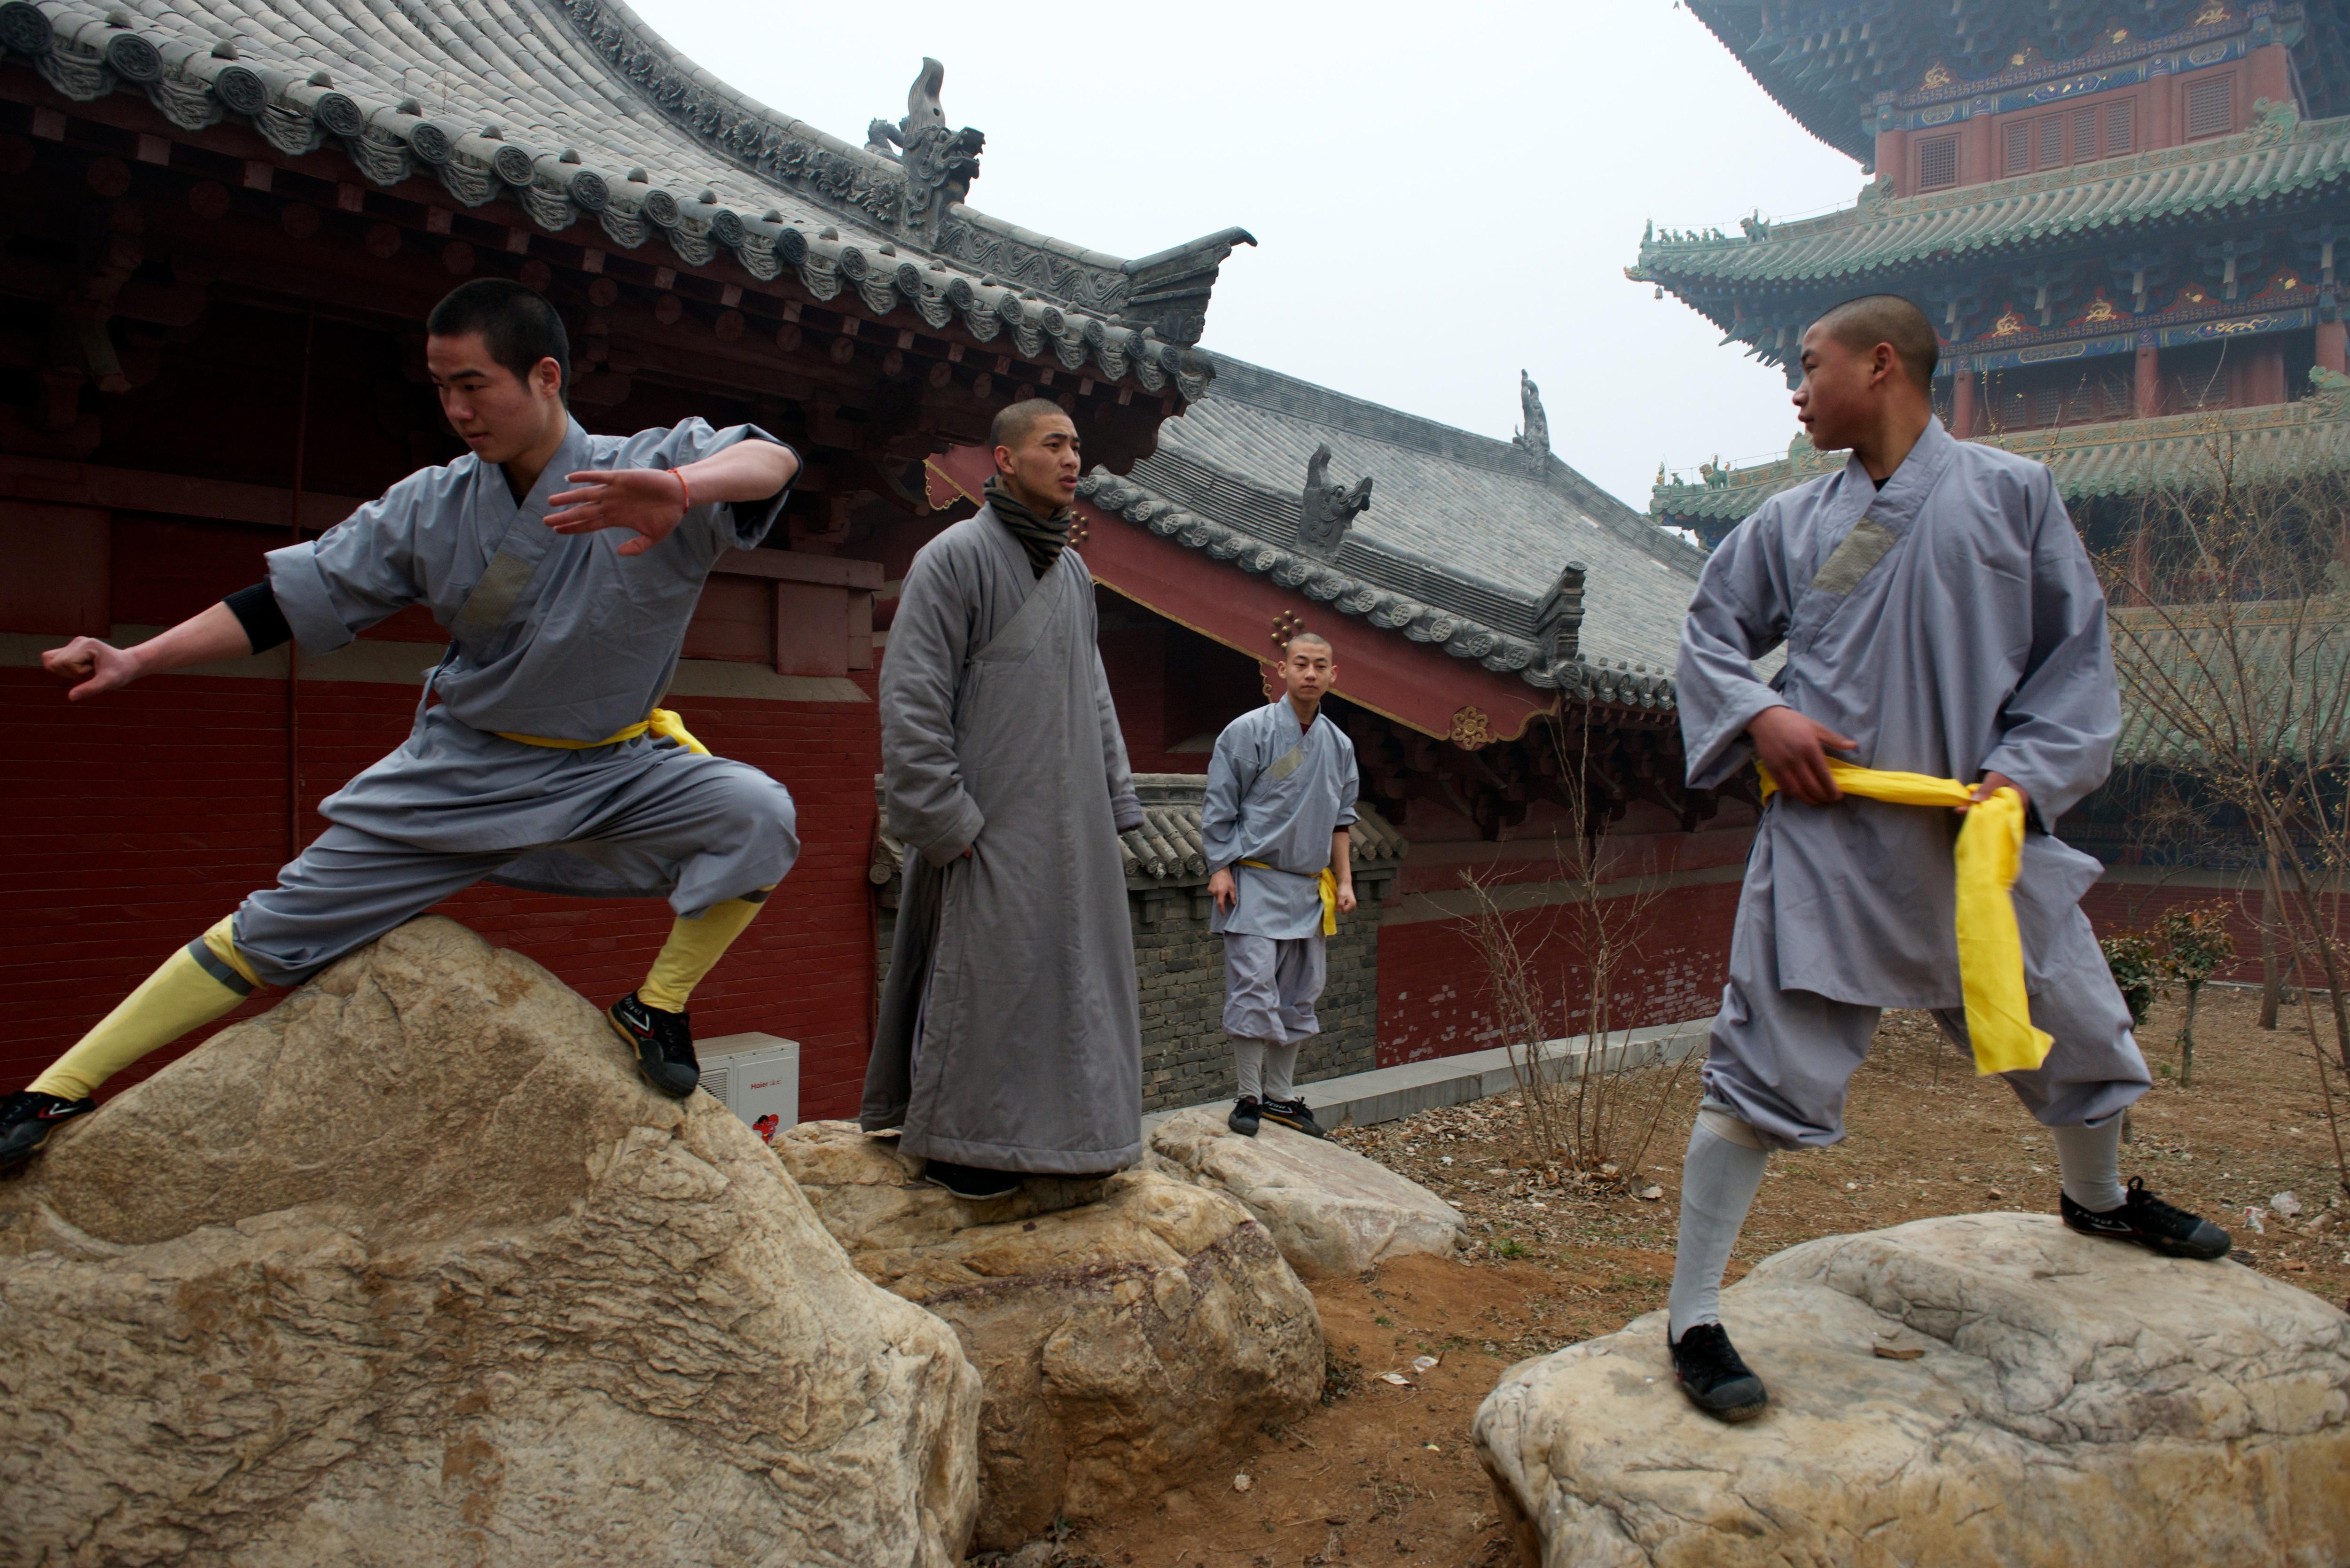 Shaolin Monastery or Shaolin Temple, a Cha?n Buddhist